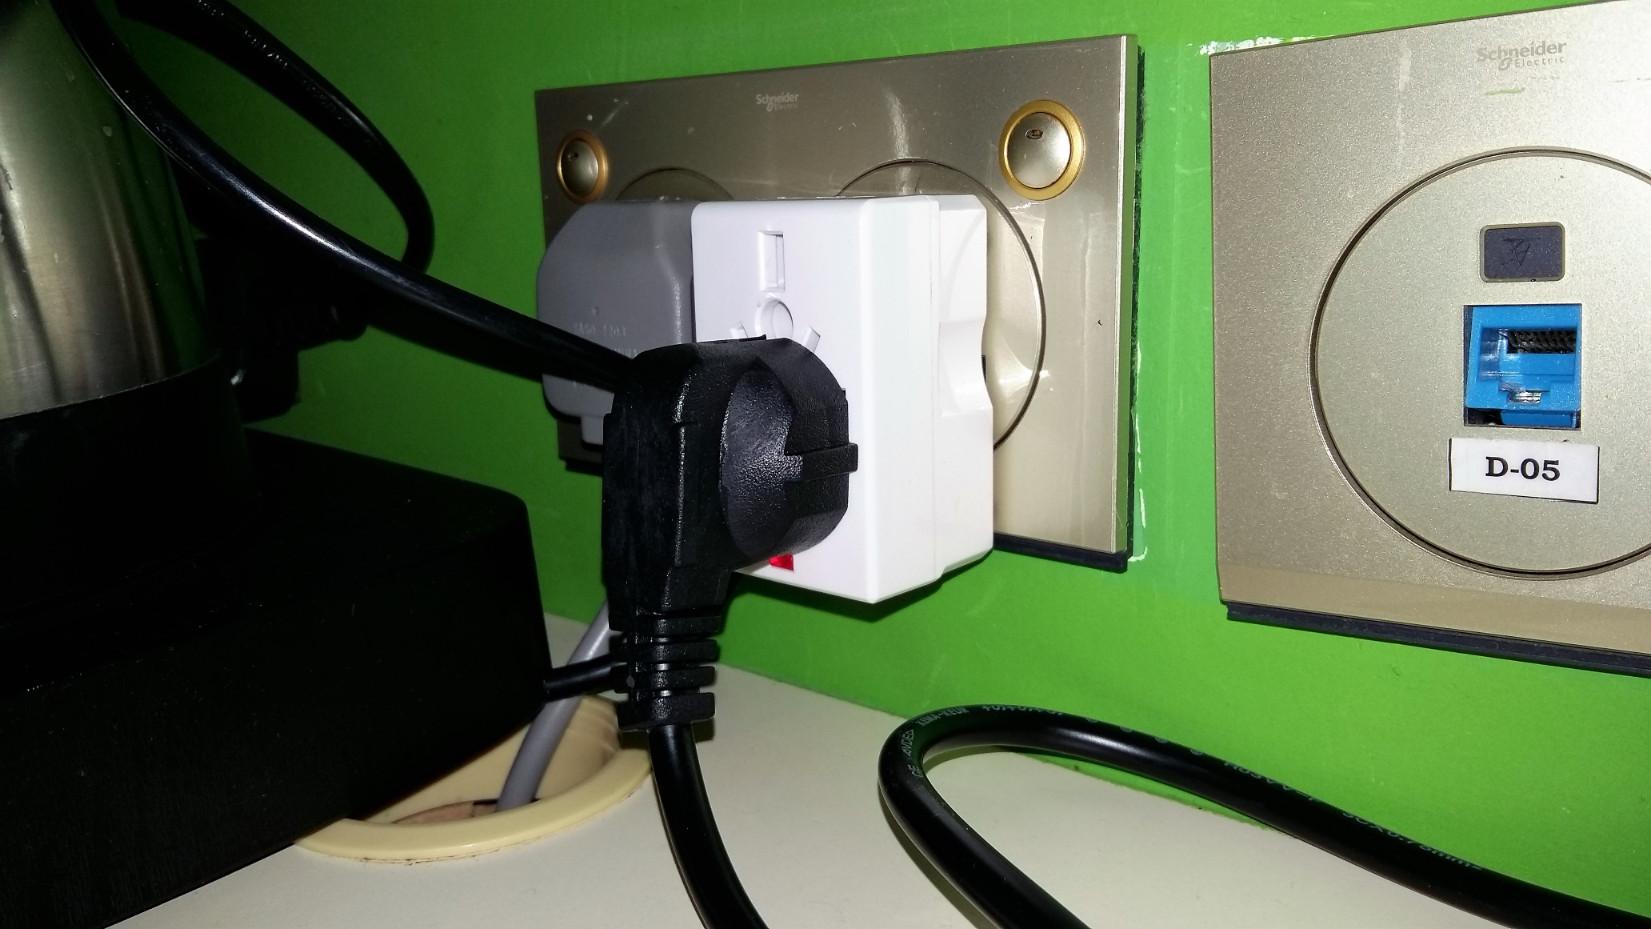 Nem európai rendszerű a hálózati csatlakozó aljzat, adaptert vagy vigyél, vagy vegyél, vagy adnak a szállodában